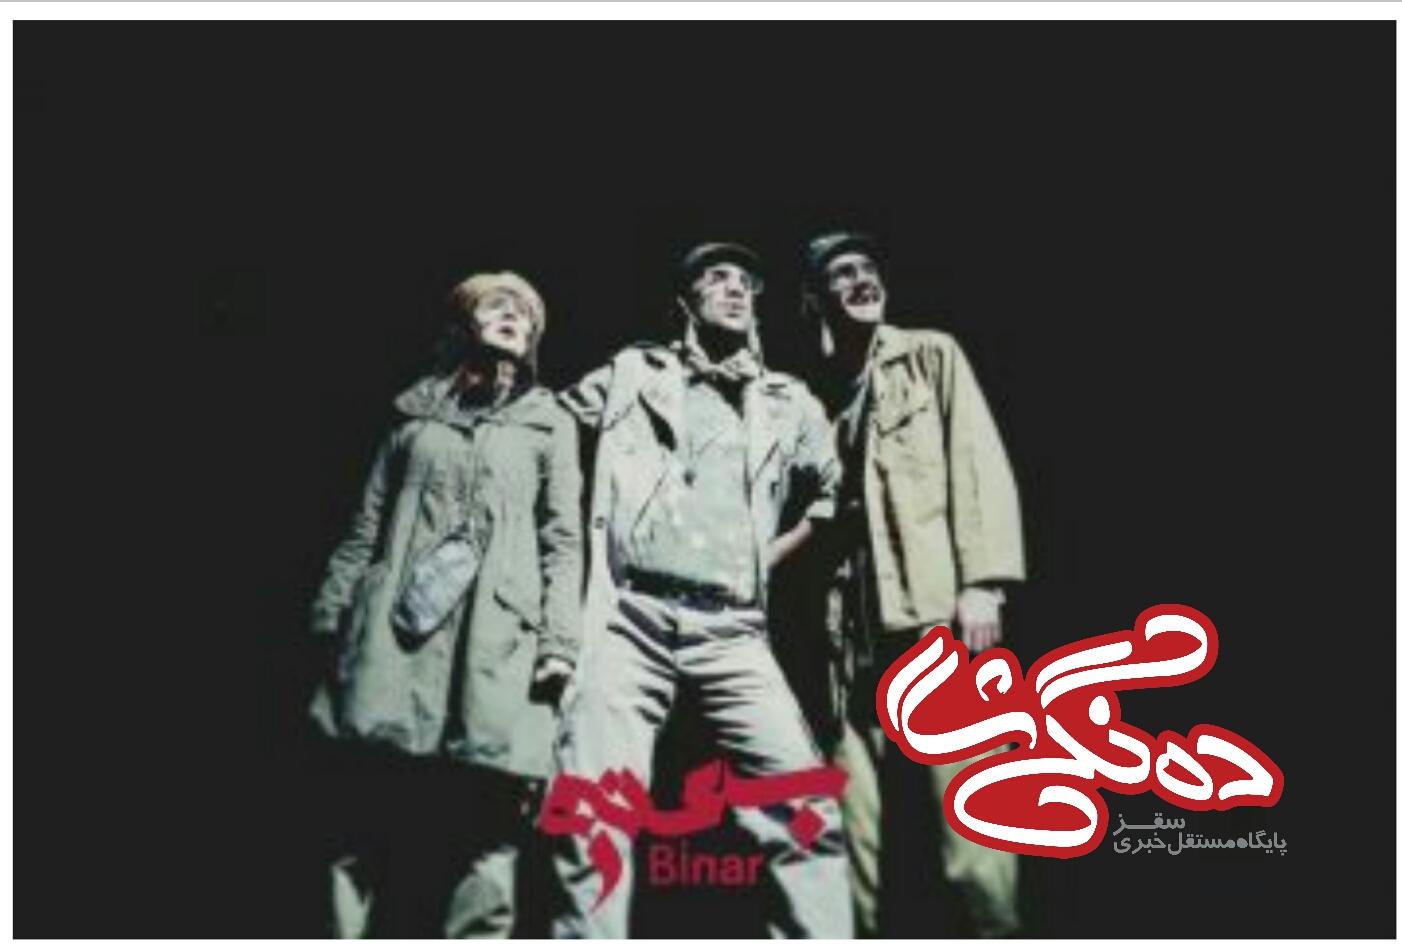 انصراف یکی از گروههای تئاتری از حضور در جشنواره بین المللی تئاتر فجر